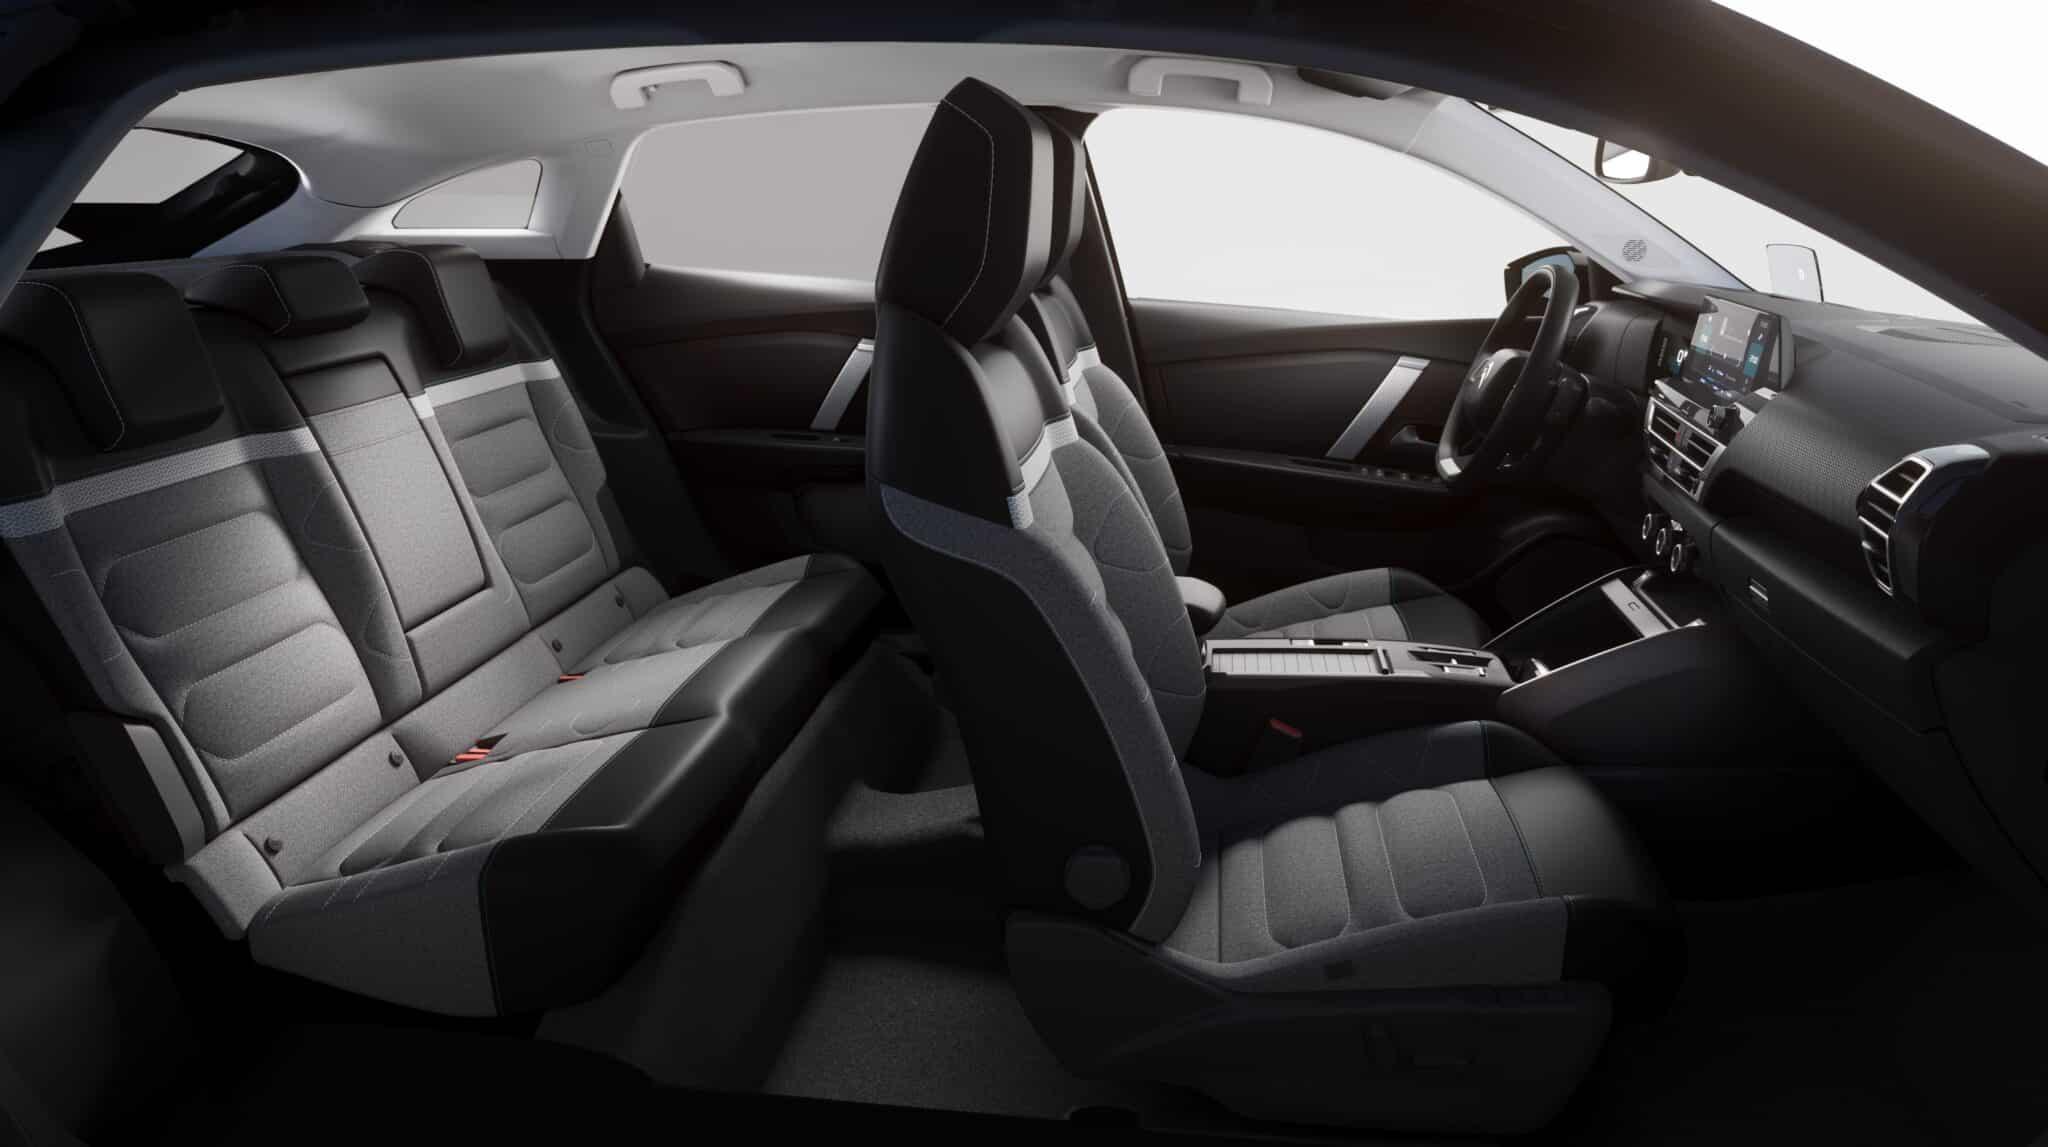 Neuer ë-C4 - Citroën erfindet die Kompaktlimousine NEU! » CL 20.024.0162 min scaled